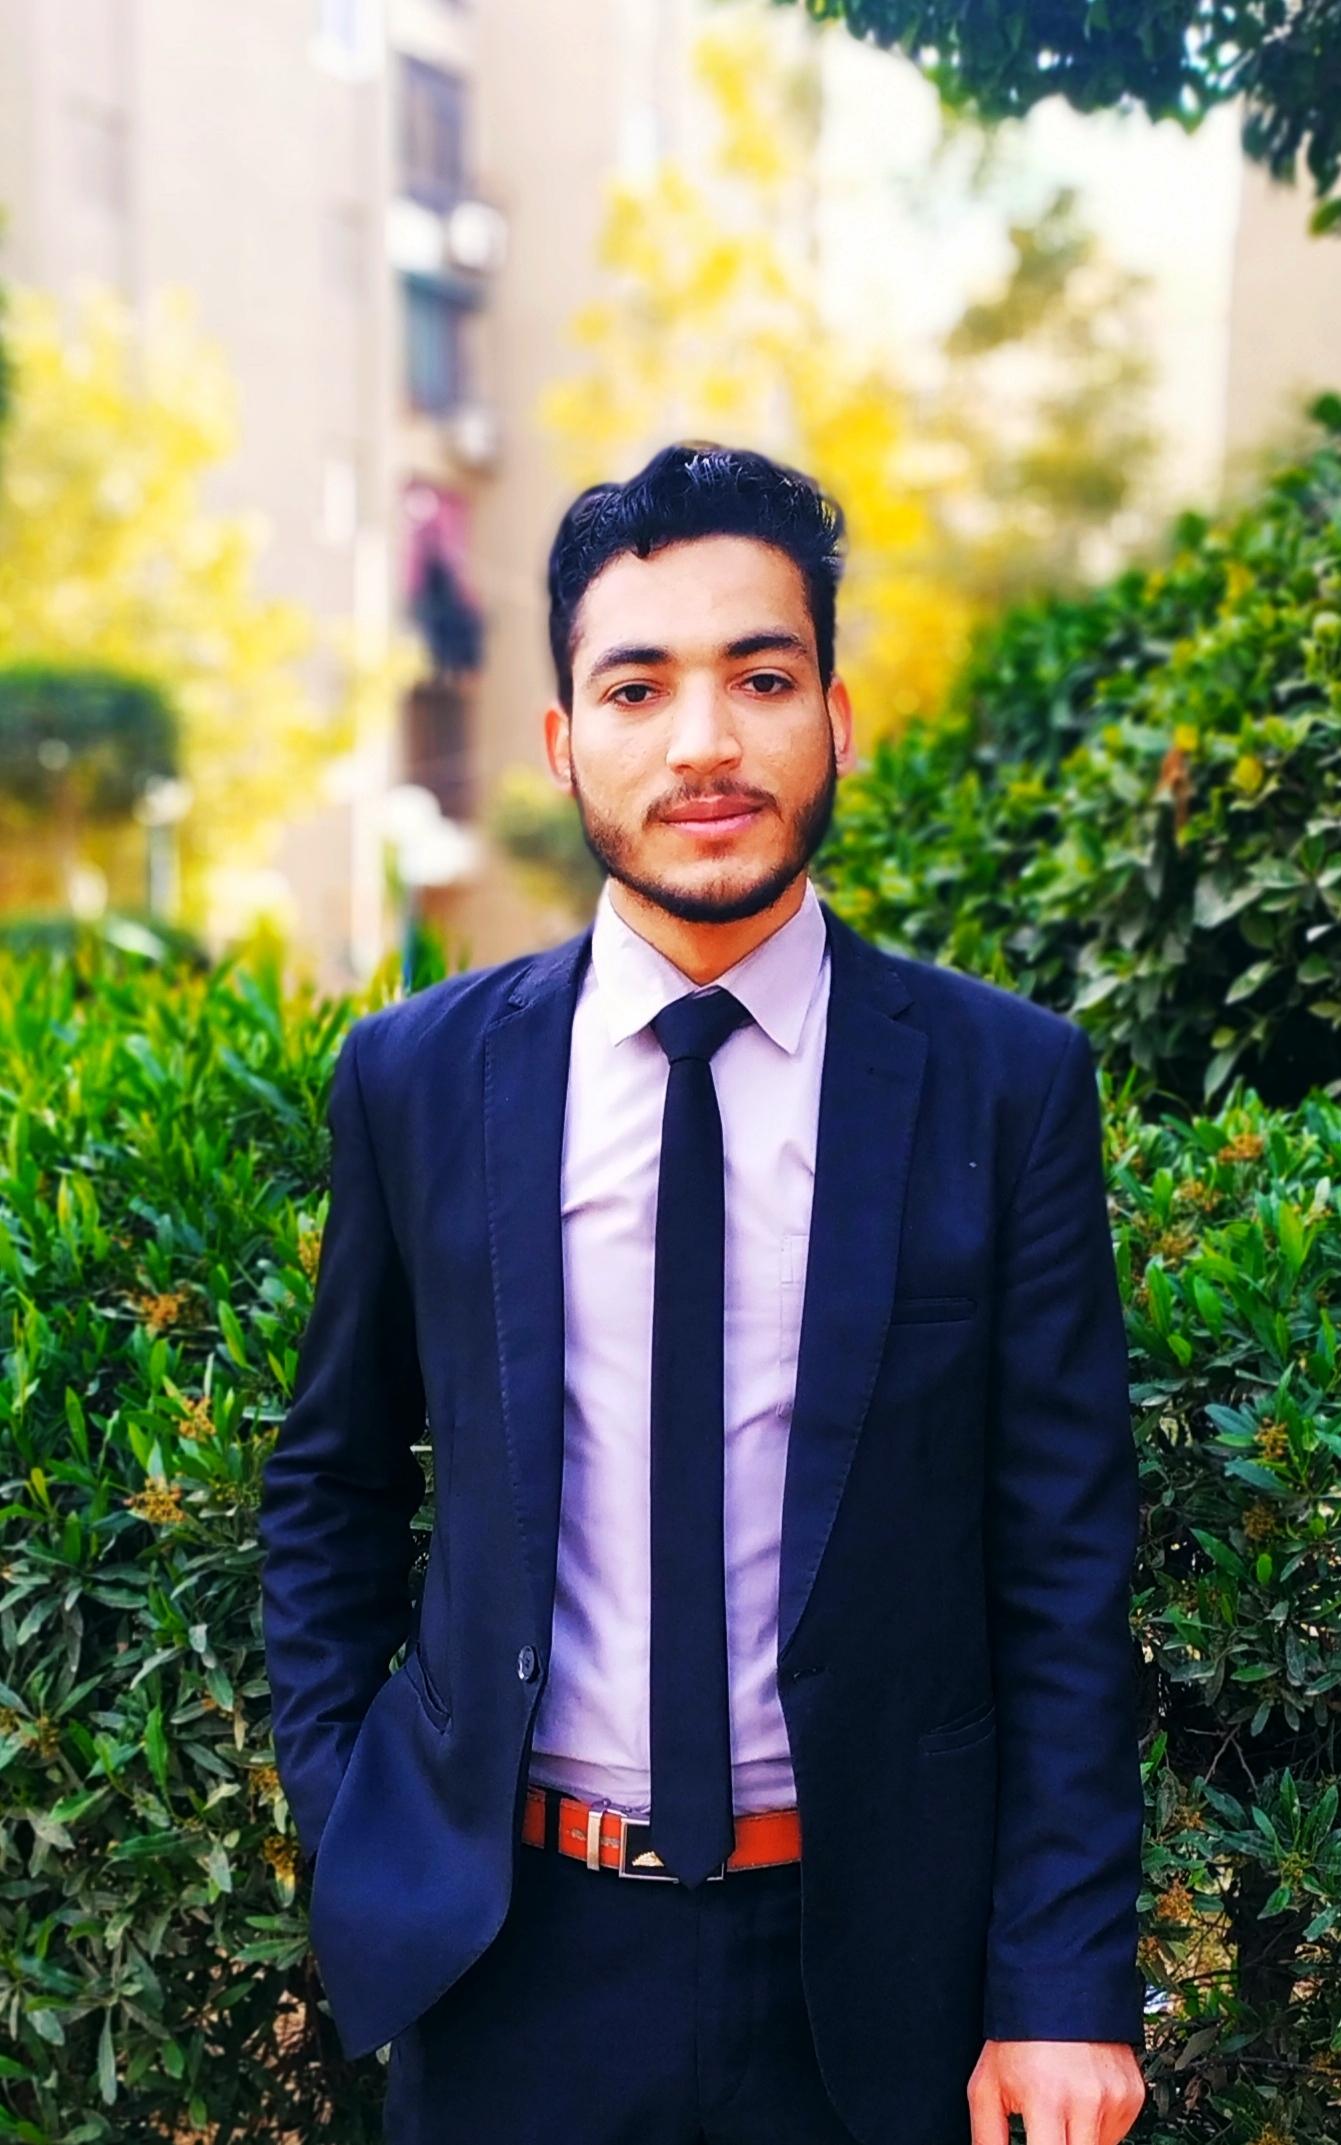 aligenah Profile Picture